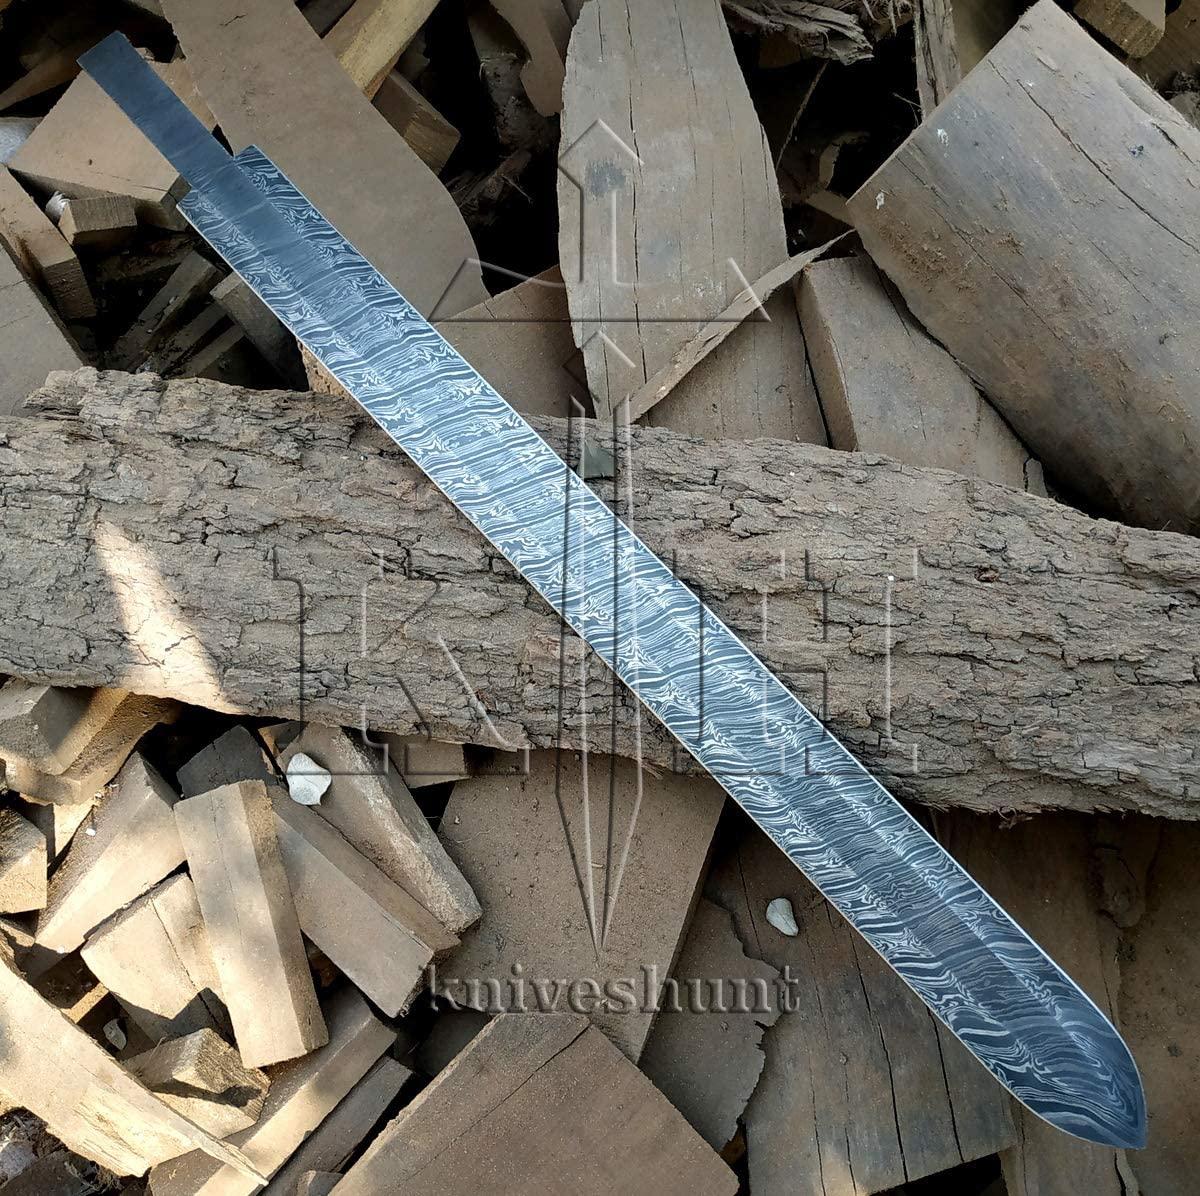 SK-Knives Damascus Knife Custom Handmade - 28 Inches Damascus Steel Sword Blank Blade